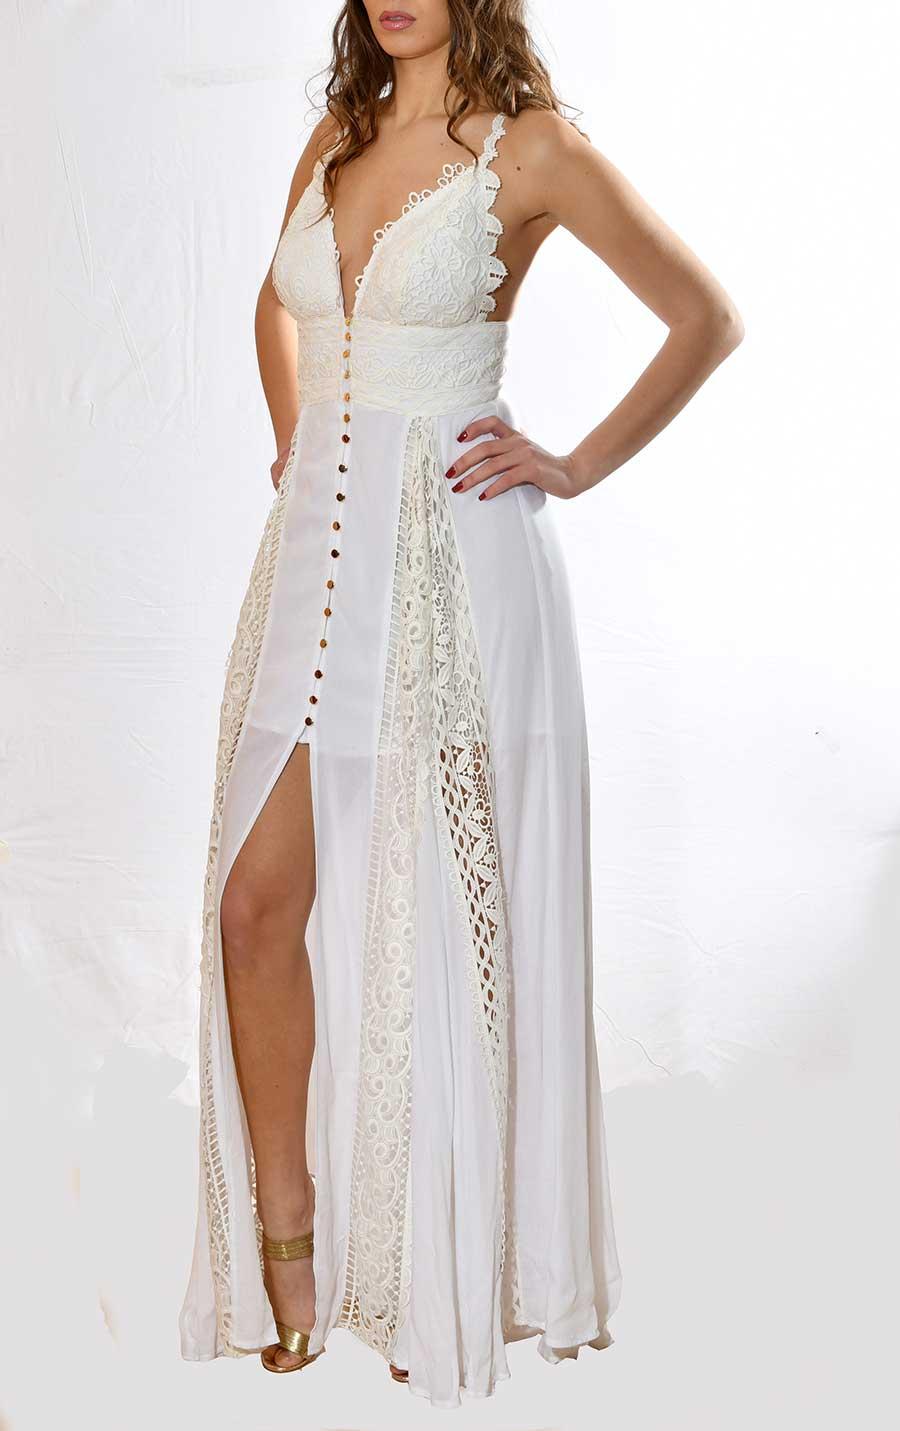 Μακρύ αέρινο φόρεμα για γάμο 2018